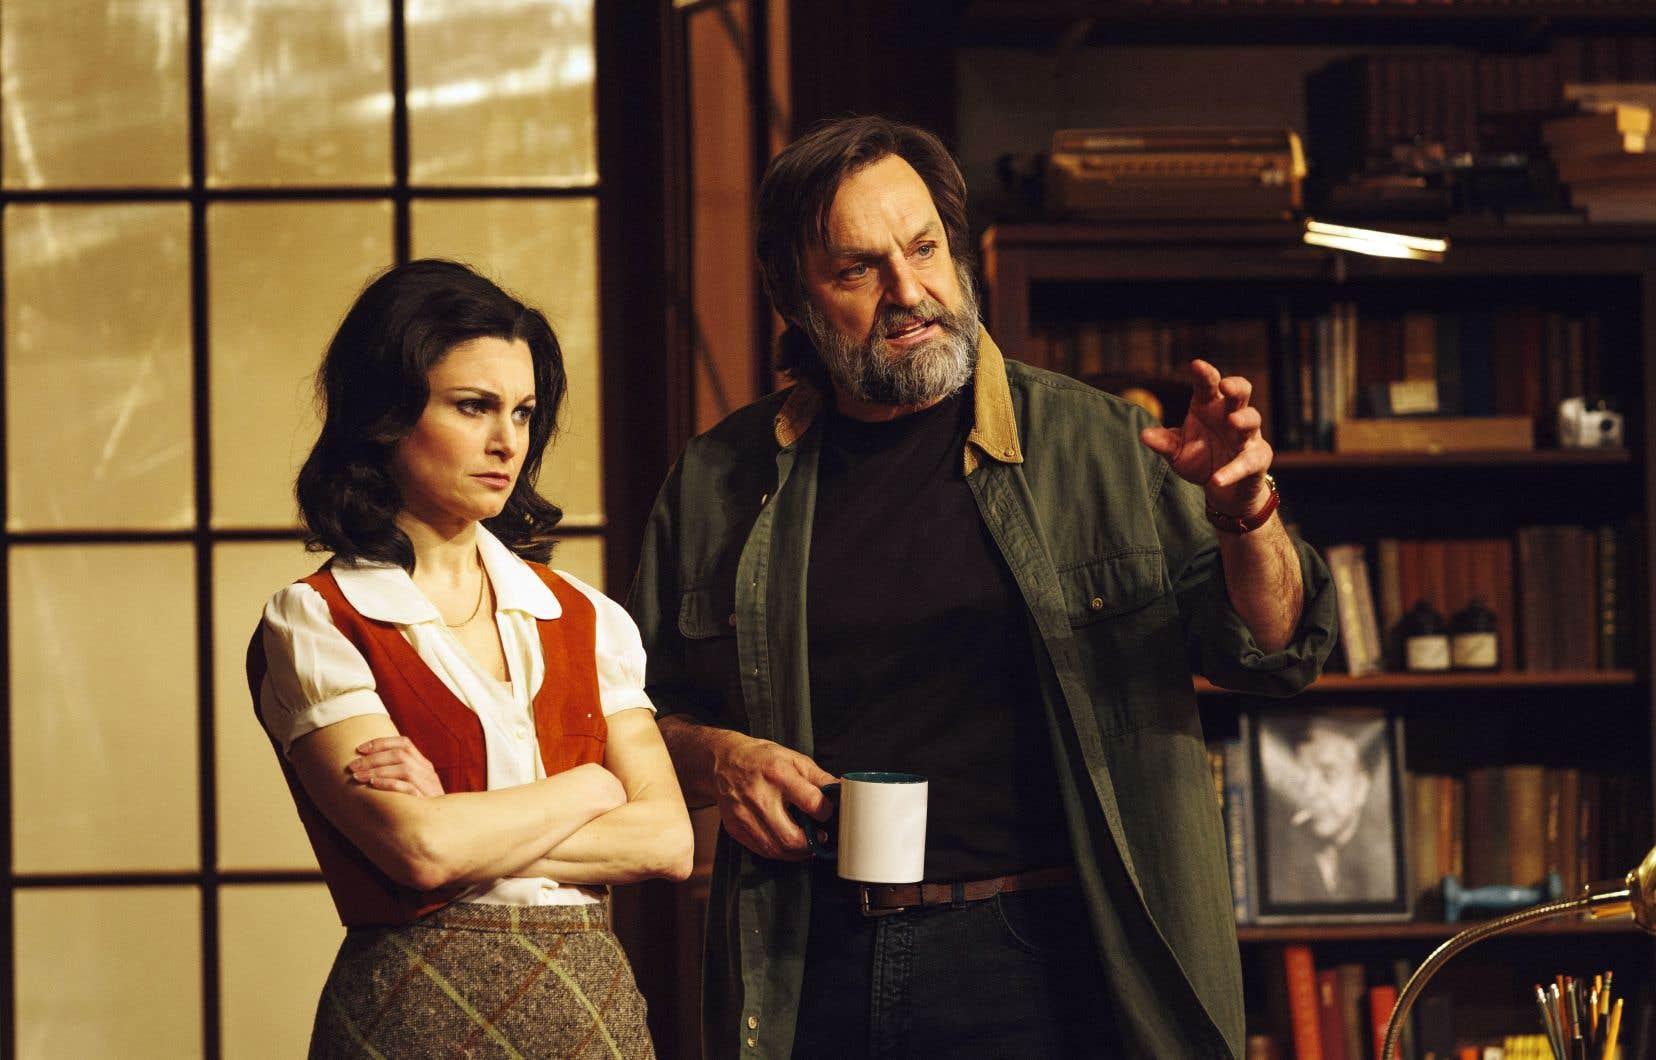 Benoît Gouin et Émilie Bibeau campent respectivement les rôles de Frank et de Rita dans cette production présentée sur la scène du Rideau vert.